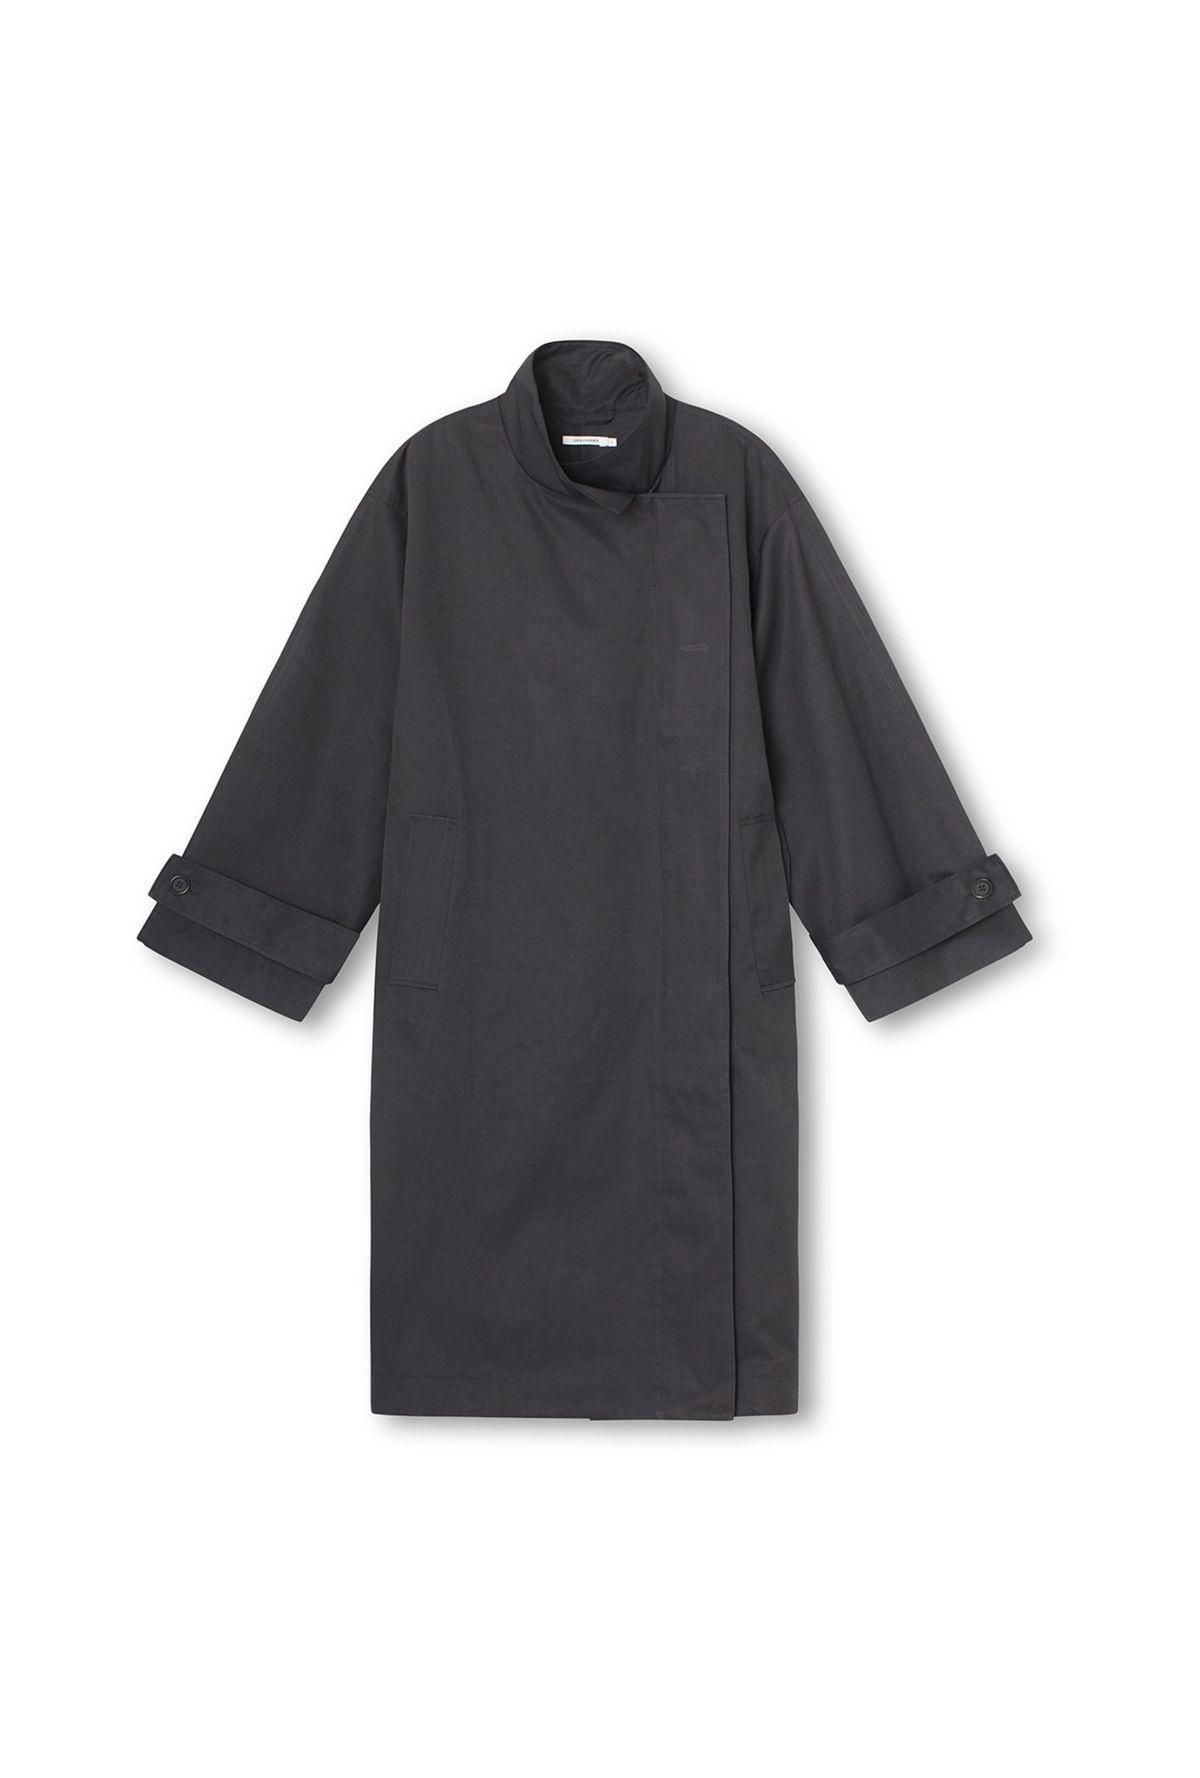 ricka coat black-2